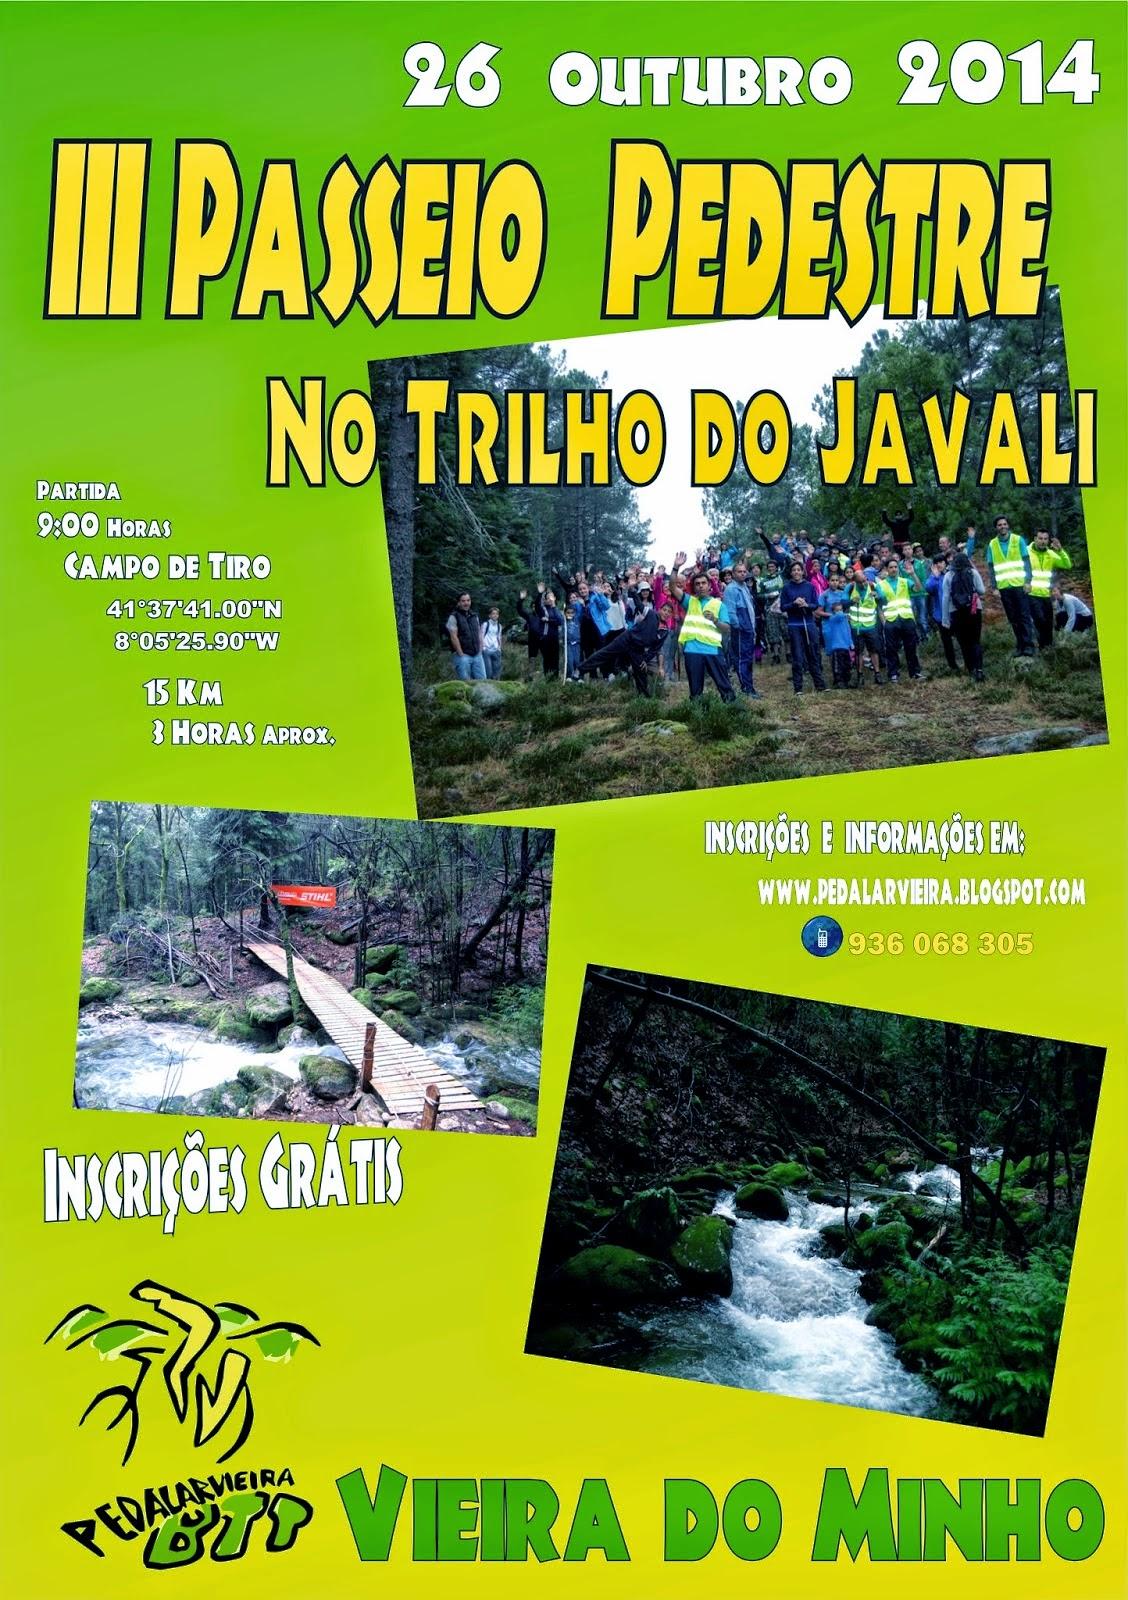 III PASSEIO PEDESTRE NO TRILHO DO JAVALI